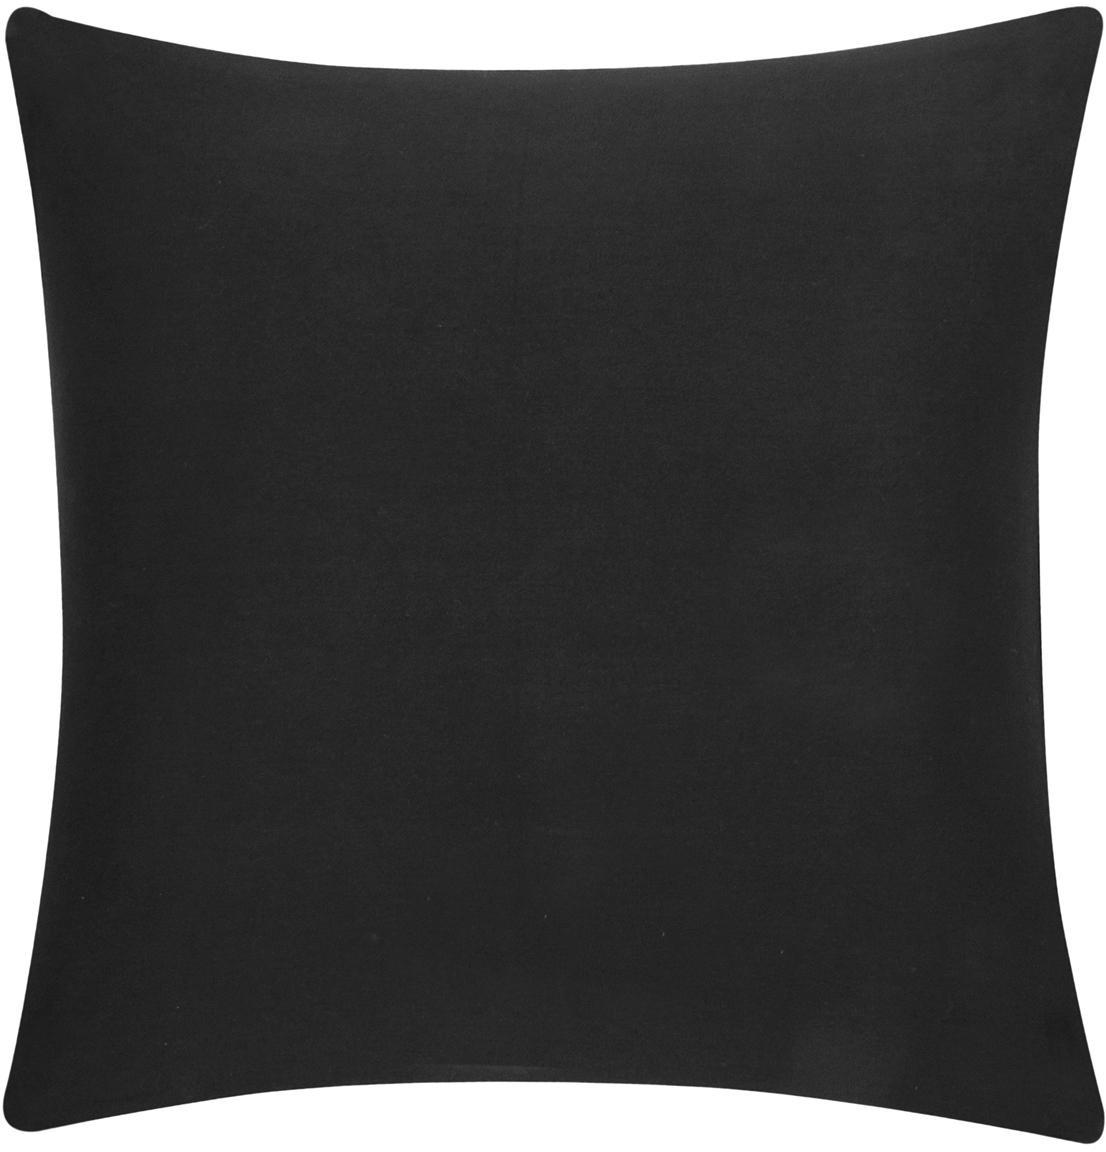 Funda de cojín de algodón Mads, 100%algodón, Negro, An 40 x L 40 cm